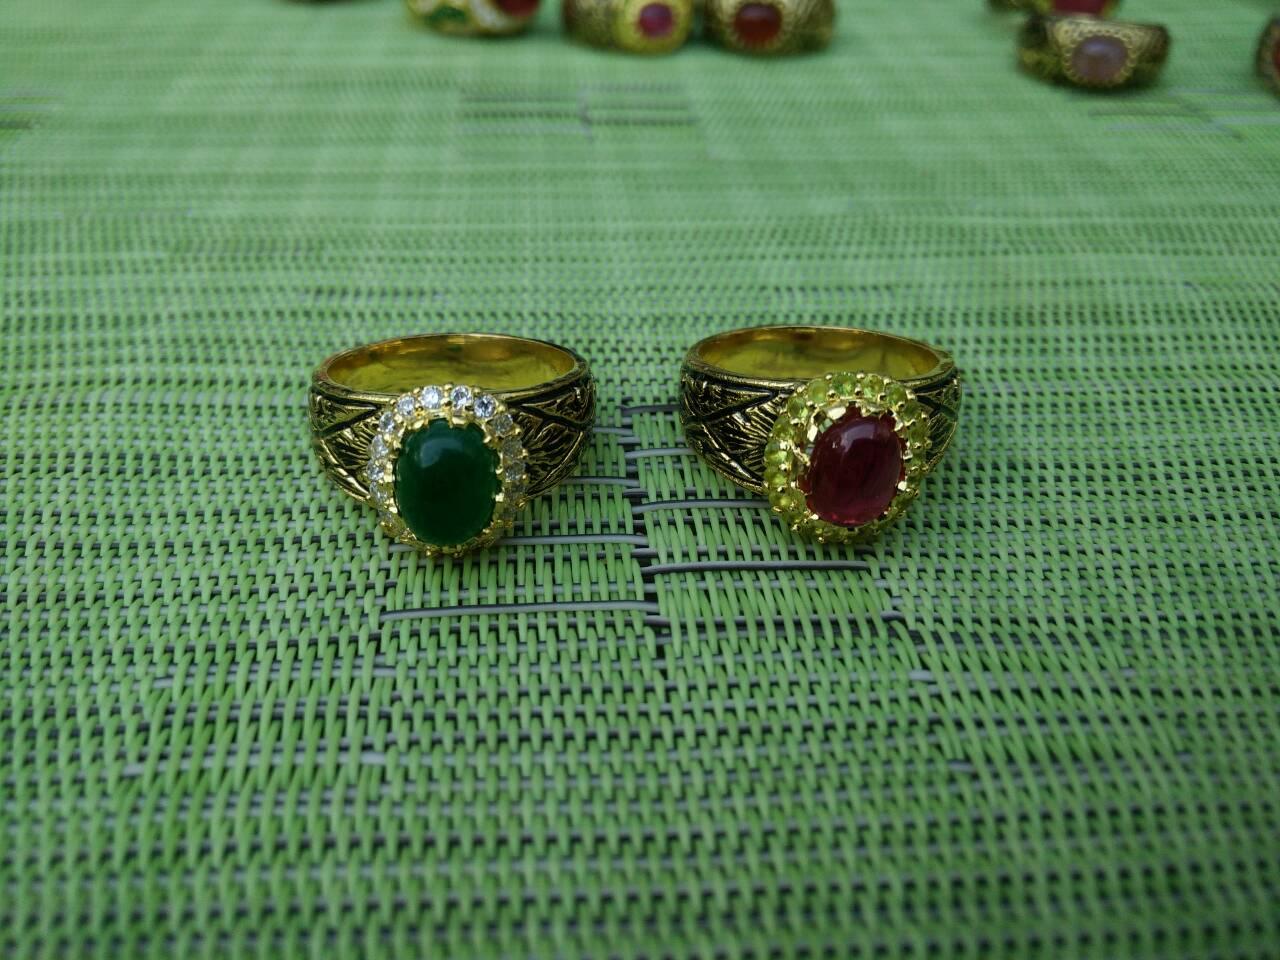 แหวนถมทอง ลายสุโขทัย ประดับพลอยล้อมเพชร